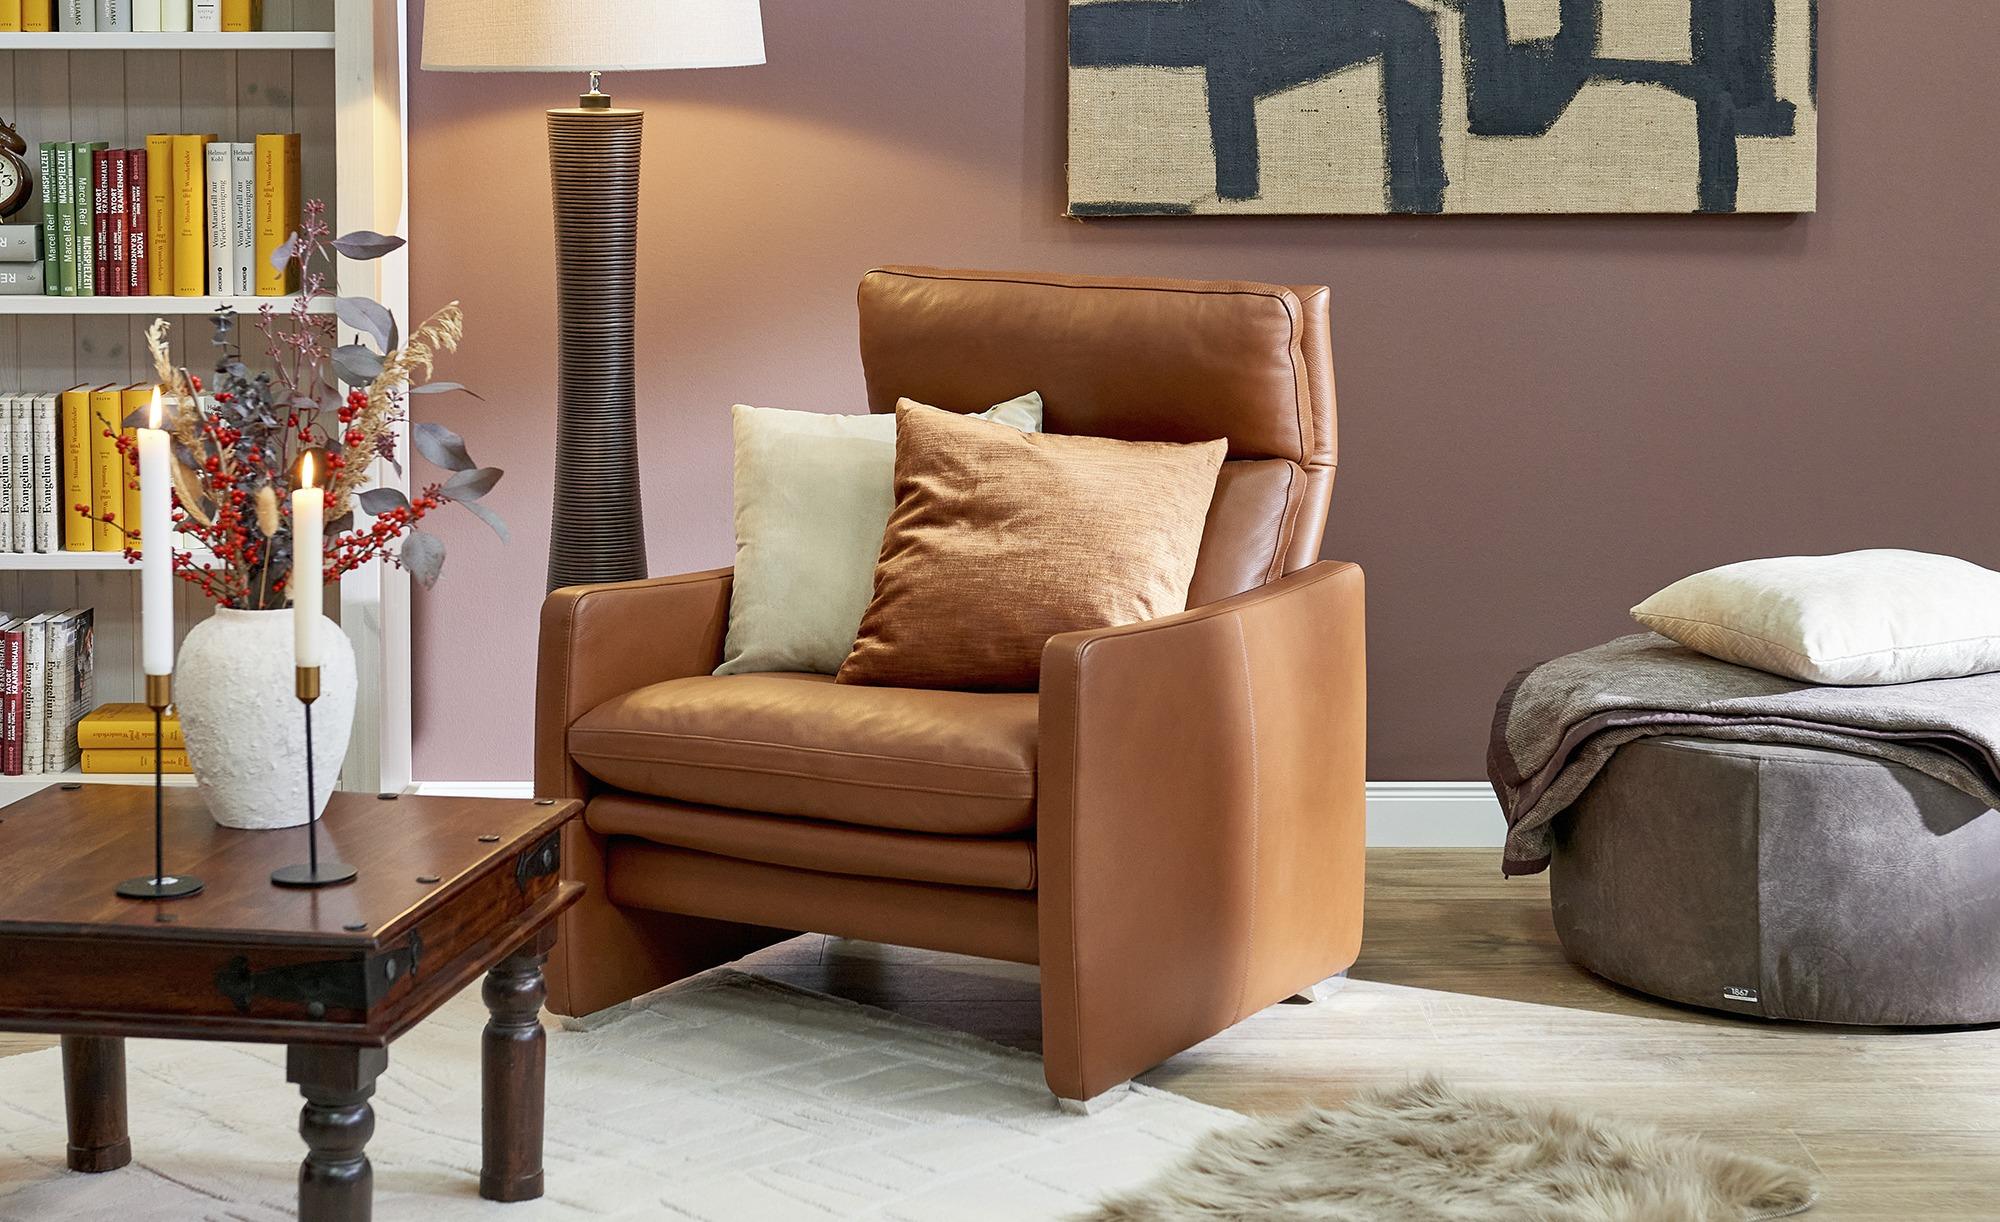 Couchtisch  Indien Styles ¦ braun ¦ Maße (cm): B: 60 H: 40 Tische > Couchtische > Couchtisch Massivholz - Höffner